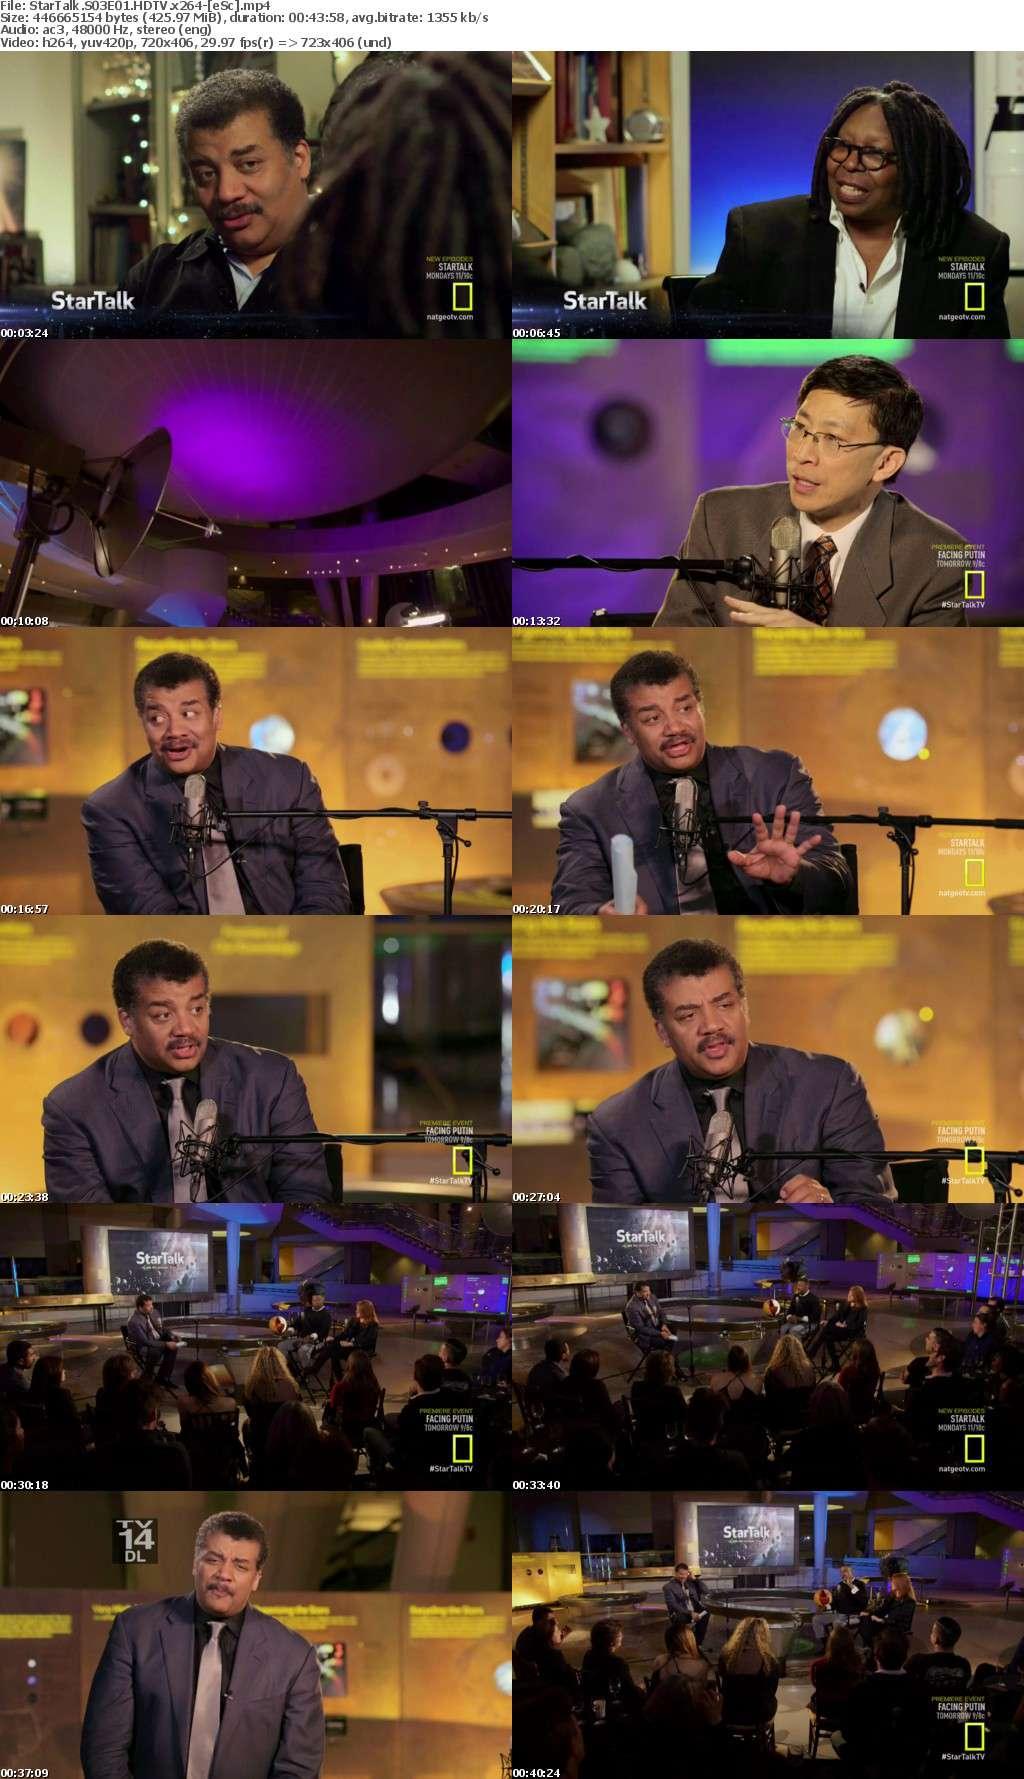 StarTalk S03E01 HDTV x264-[eSc]